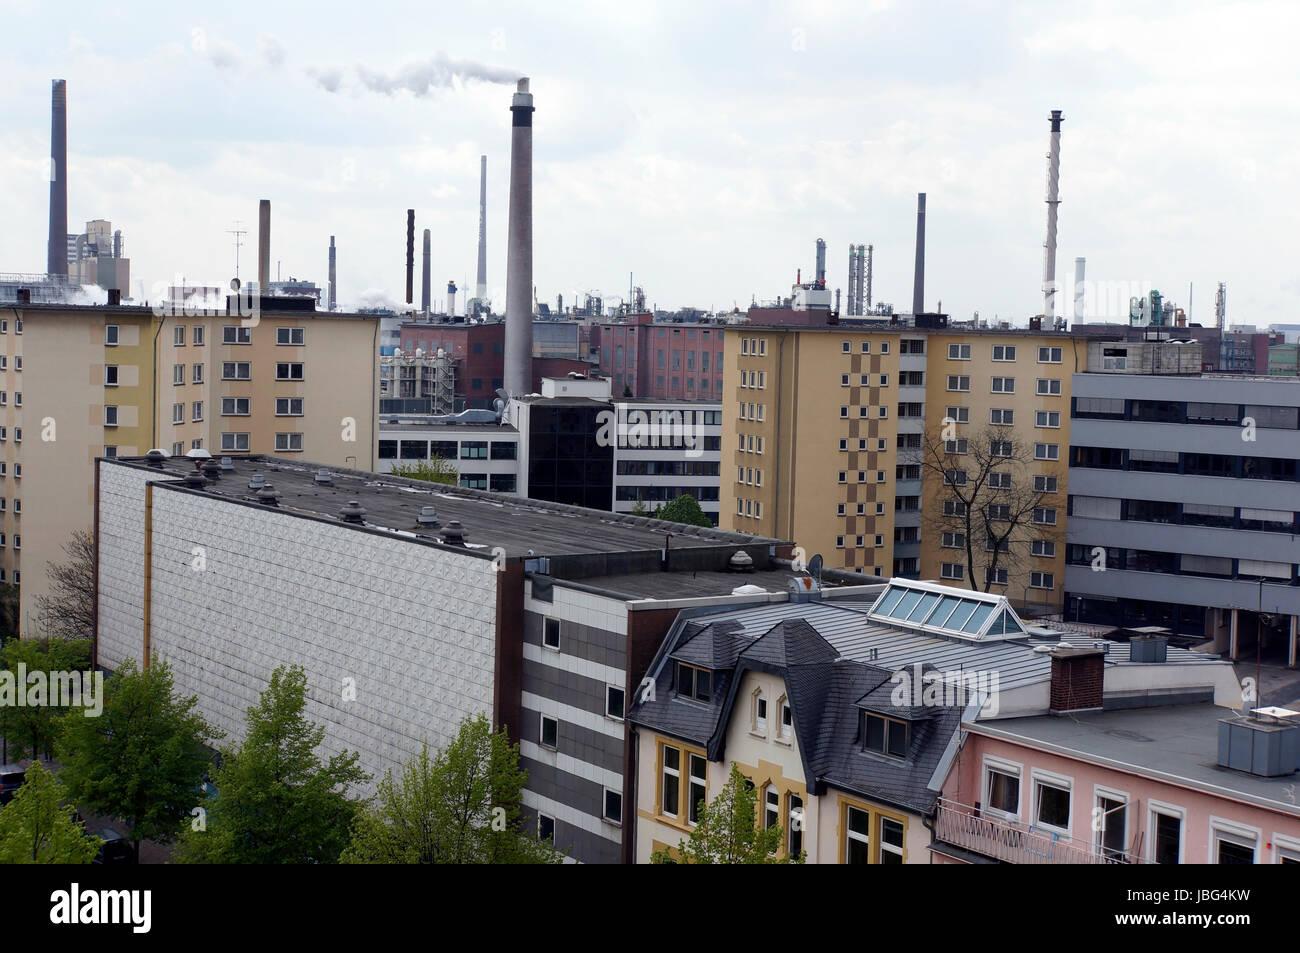 Wohnhäuser in einer Industriestadt, Leverkusen, Nordrhein-Westfalen, Deutschland Stock Photo